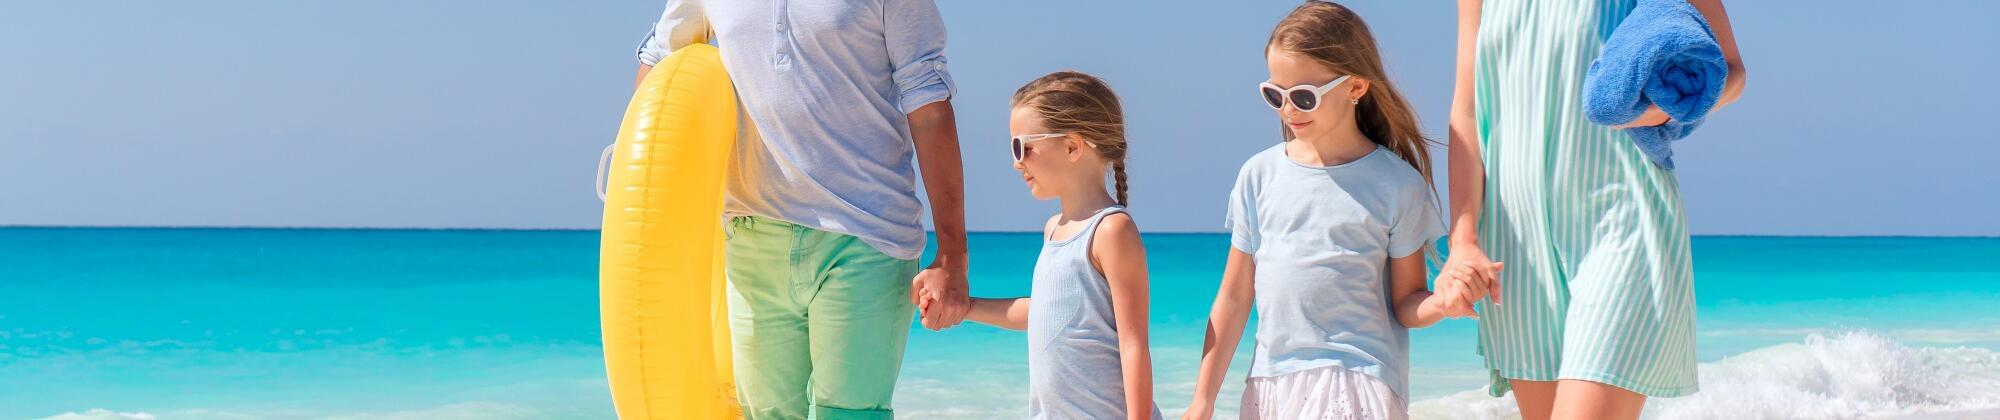 Angebot für Juni in Salento in typischem Gehöft mit Pool und Strand inklusive